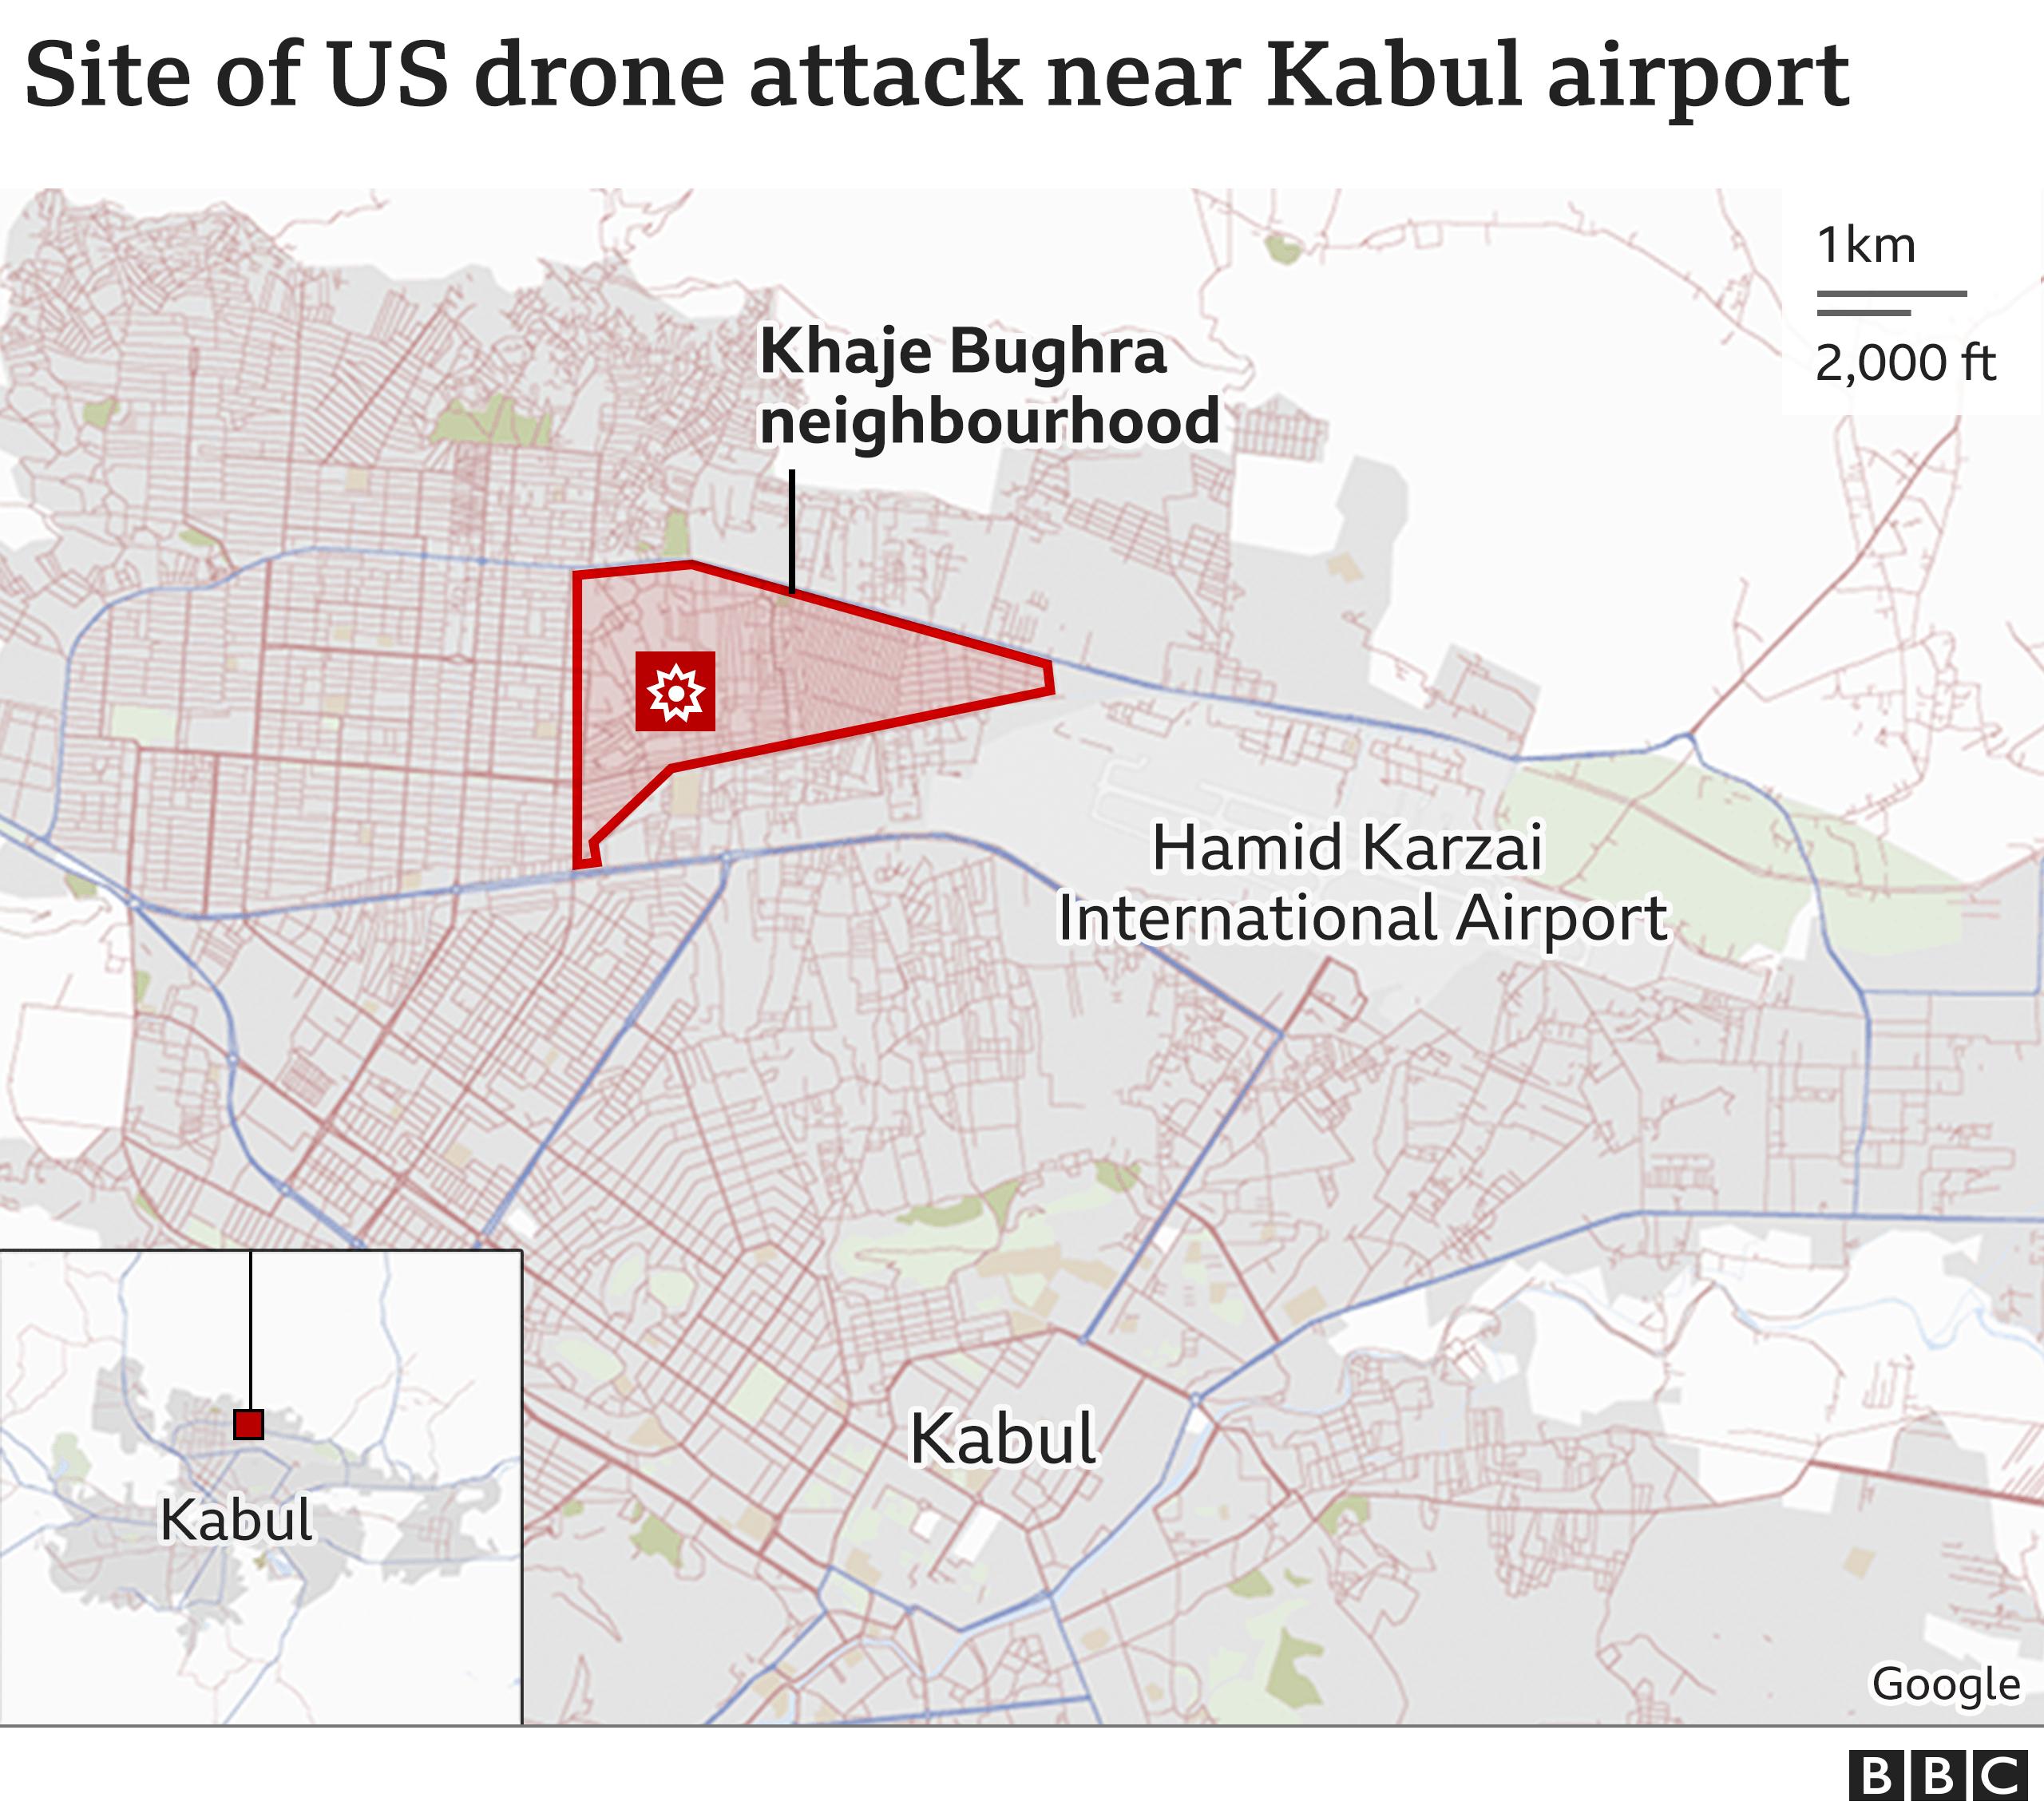 کابل ایئرپورٹ کے قریب جہاں امریکہ نے ڈرون حملہ کیا